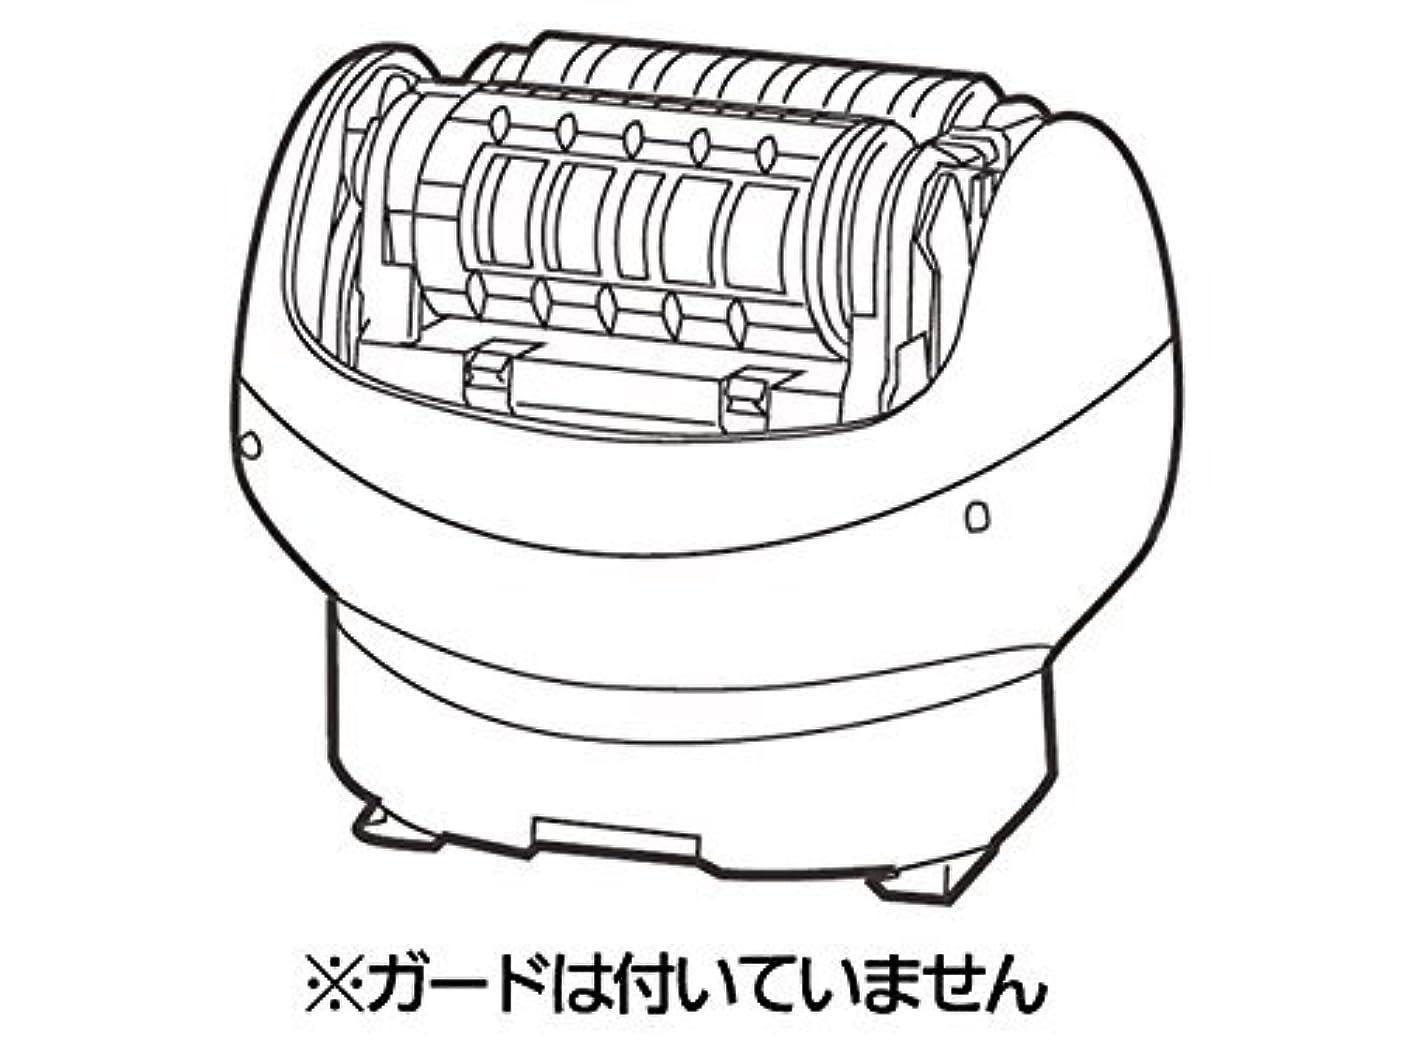 世界的に加入大宇宙Panasonic アシ?ウデ用脱毛ヘッド駆動部 ESWD93W1067